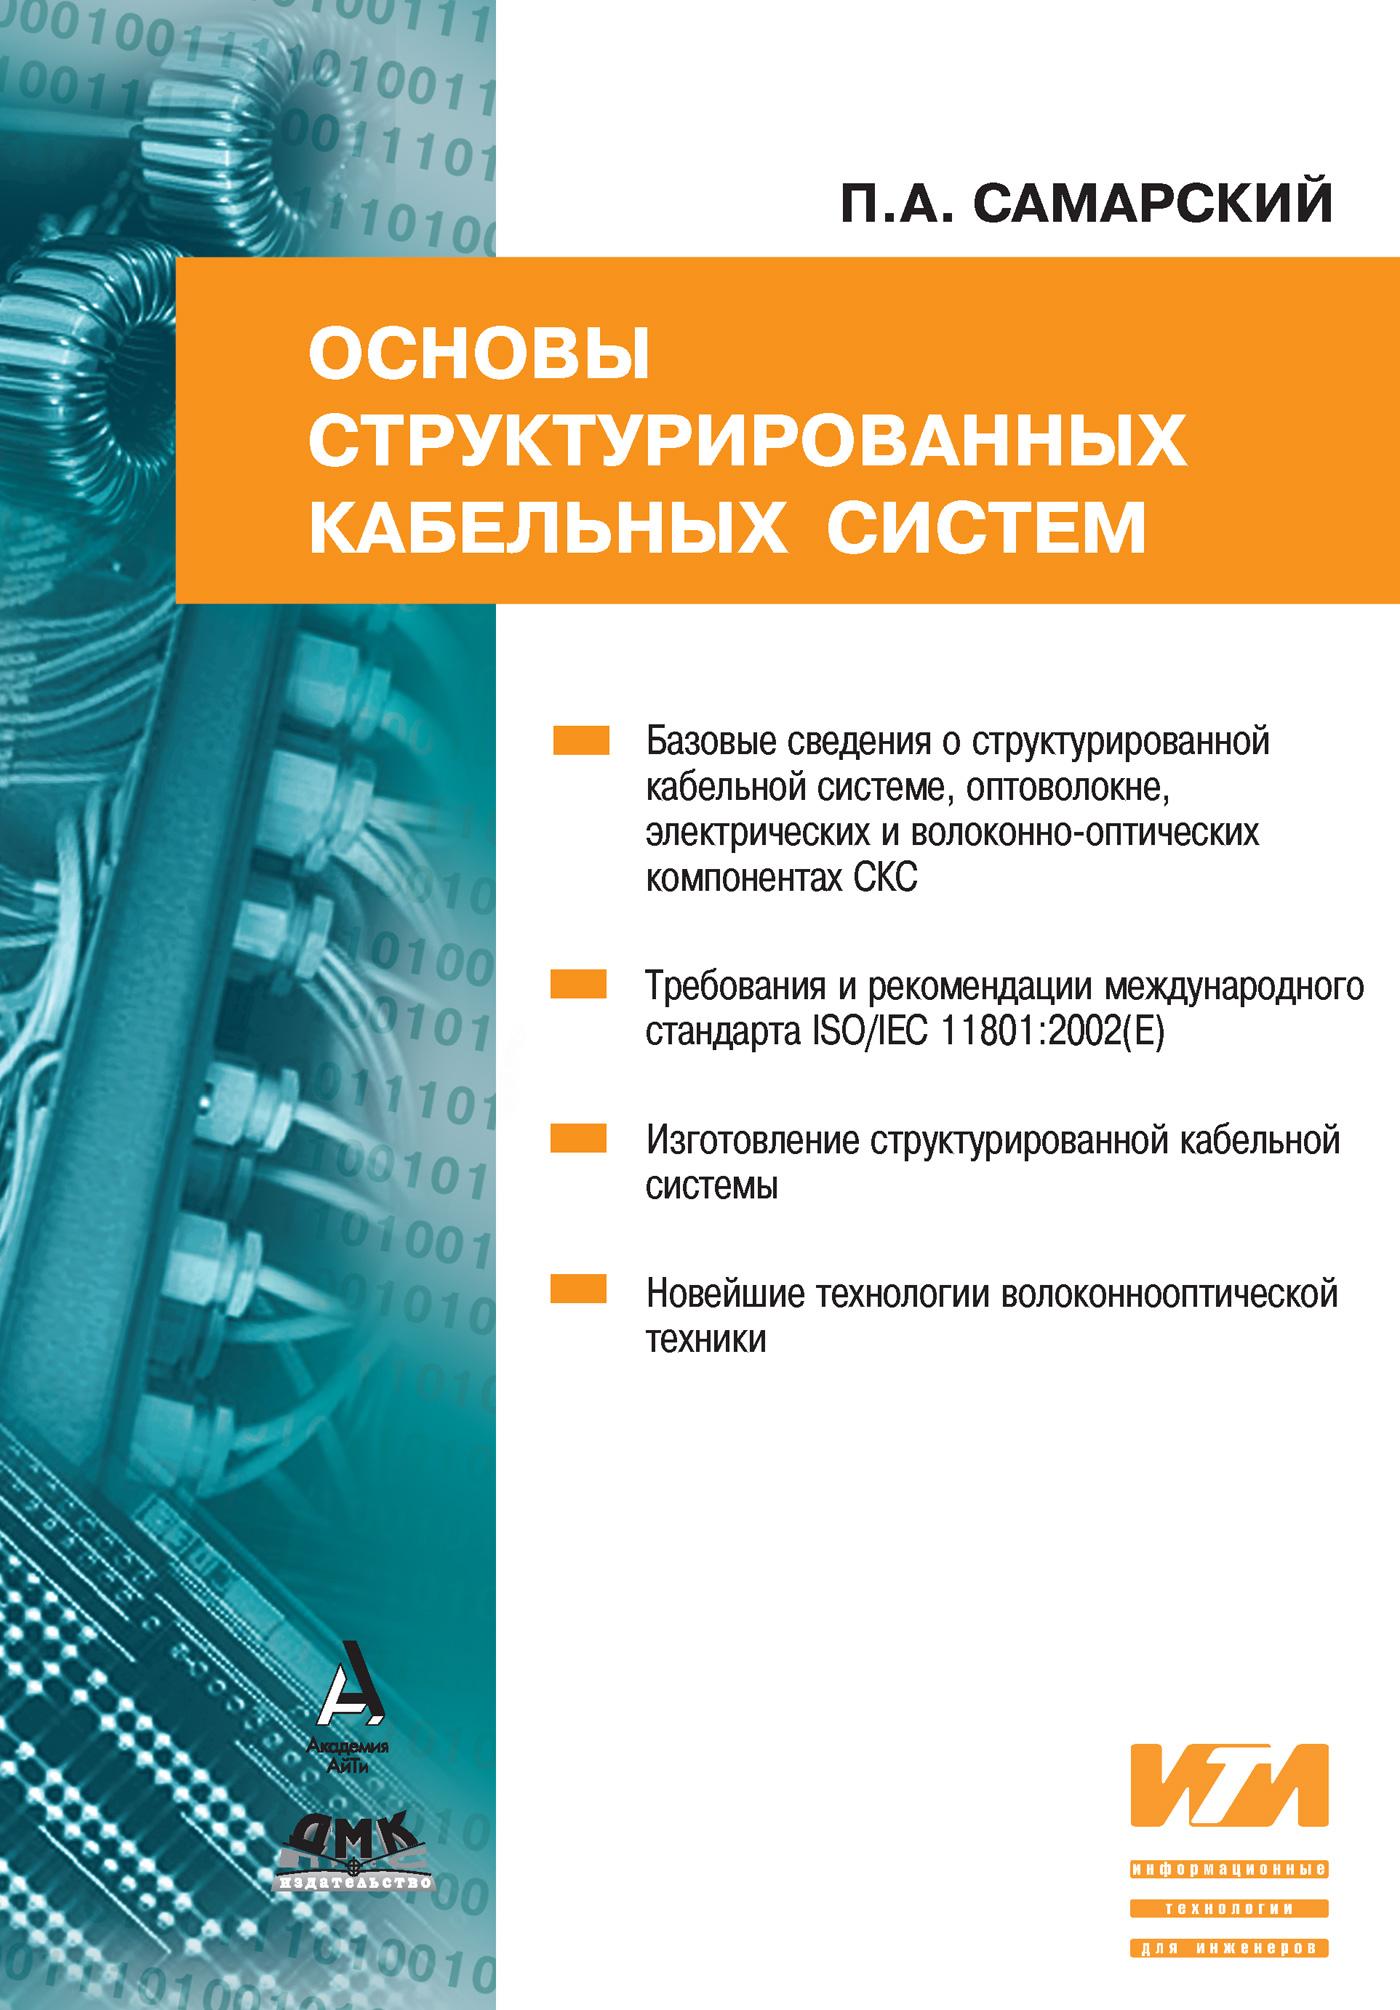 Основы структурированных кабельных систем